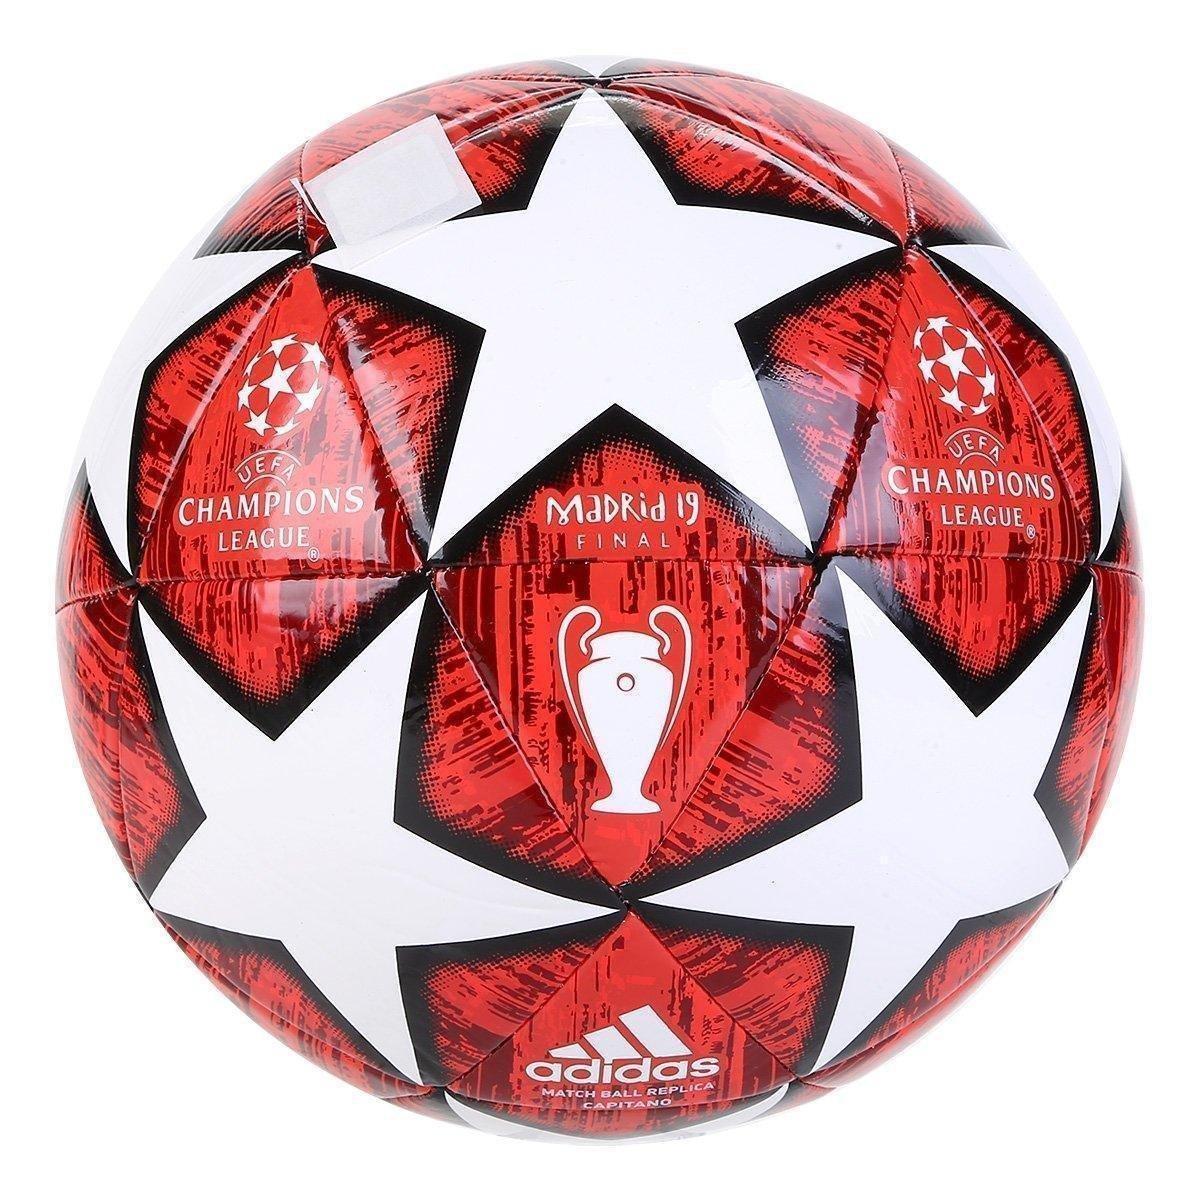 f09a67d440a83 Bola de Futebol Campo Adidas Uefa Champions League Finale 19 Match Ball  Replique Capitano - Branco e Vermelho - Compre Agora